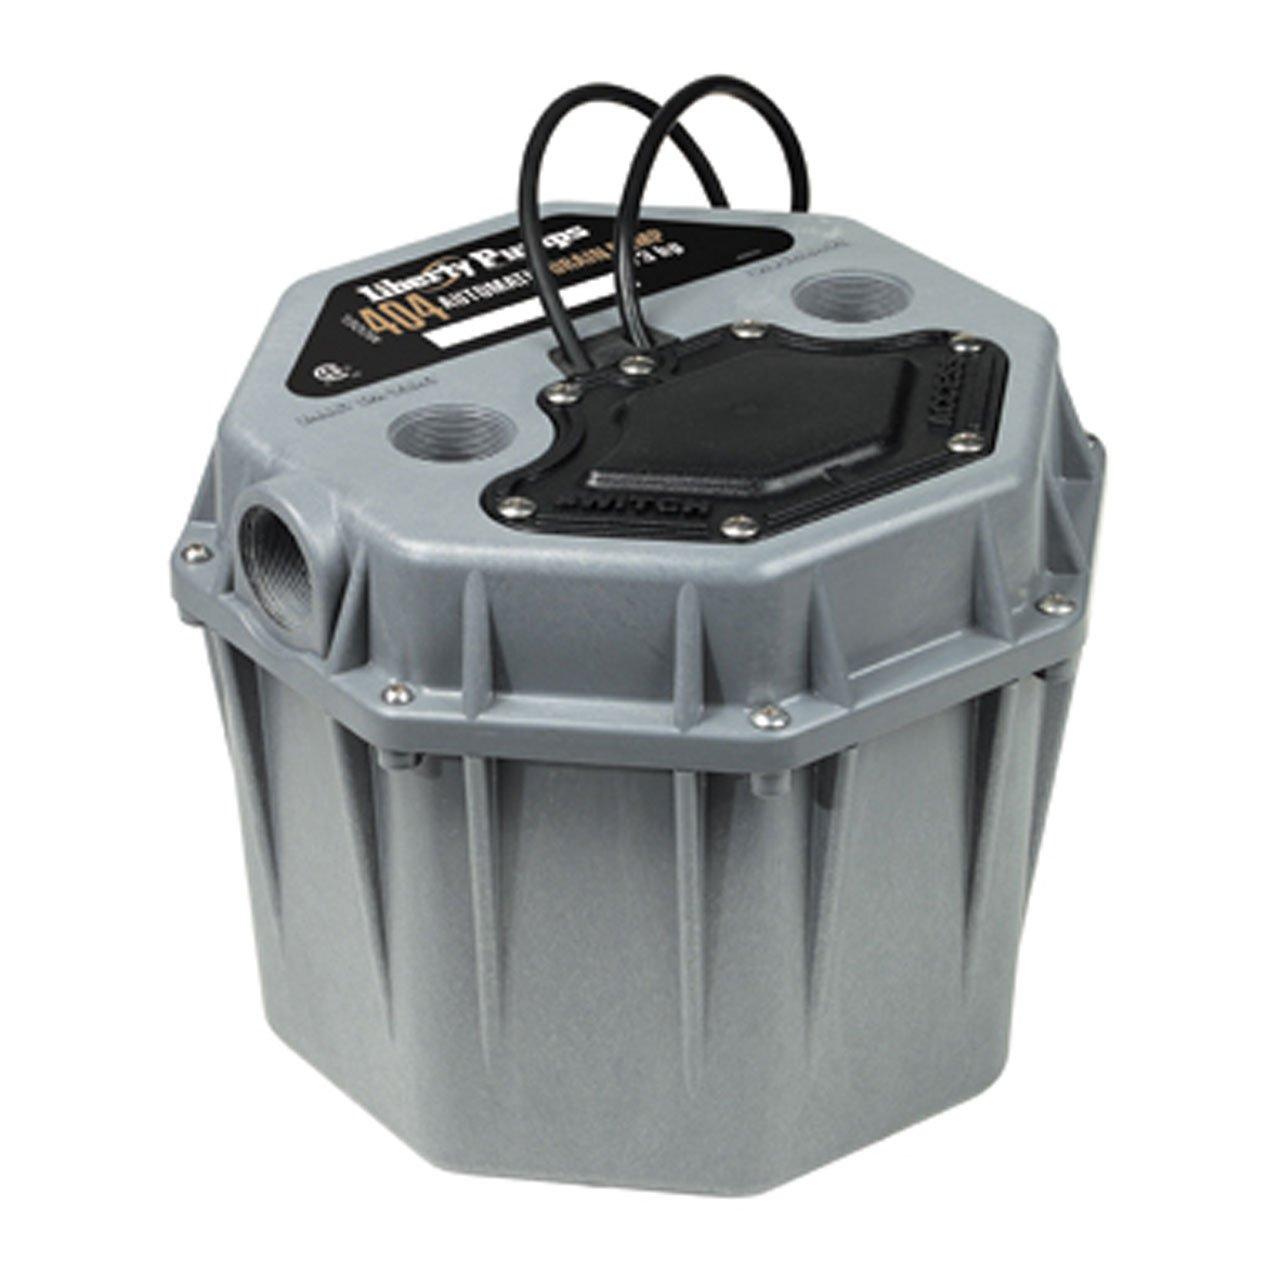 Liberty Pumps 404L Compact 1/3 HP Low Profile Drain Pump